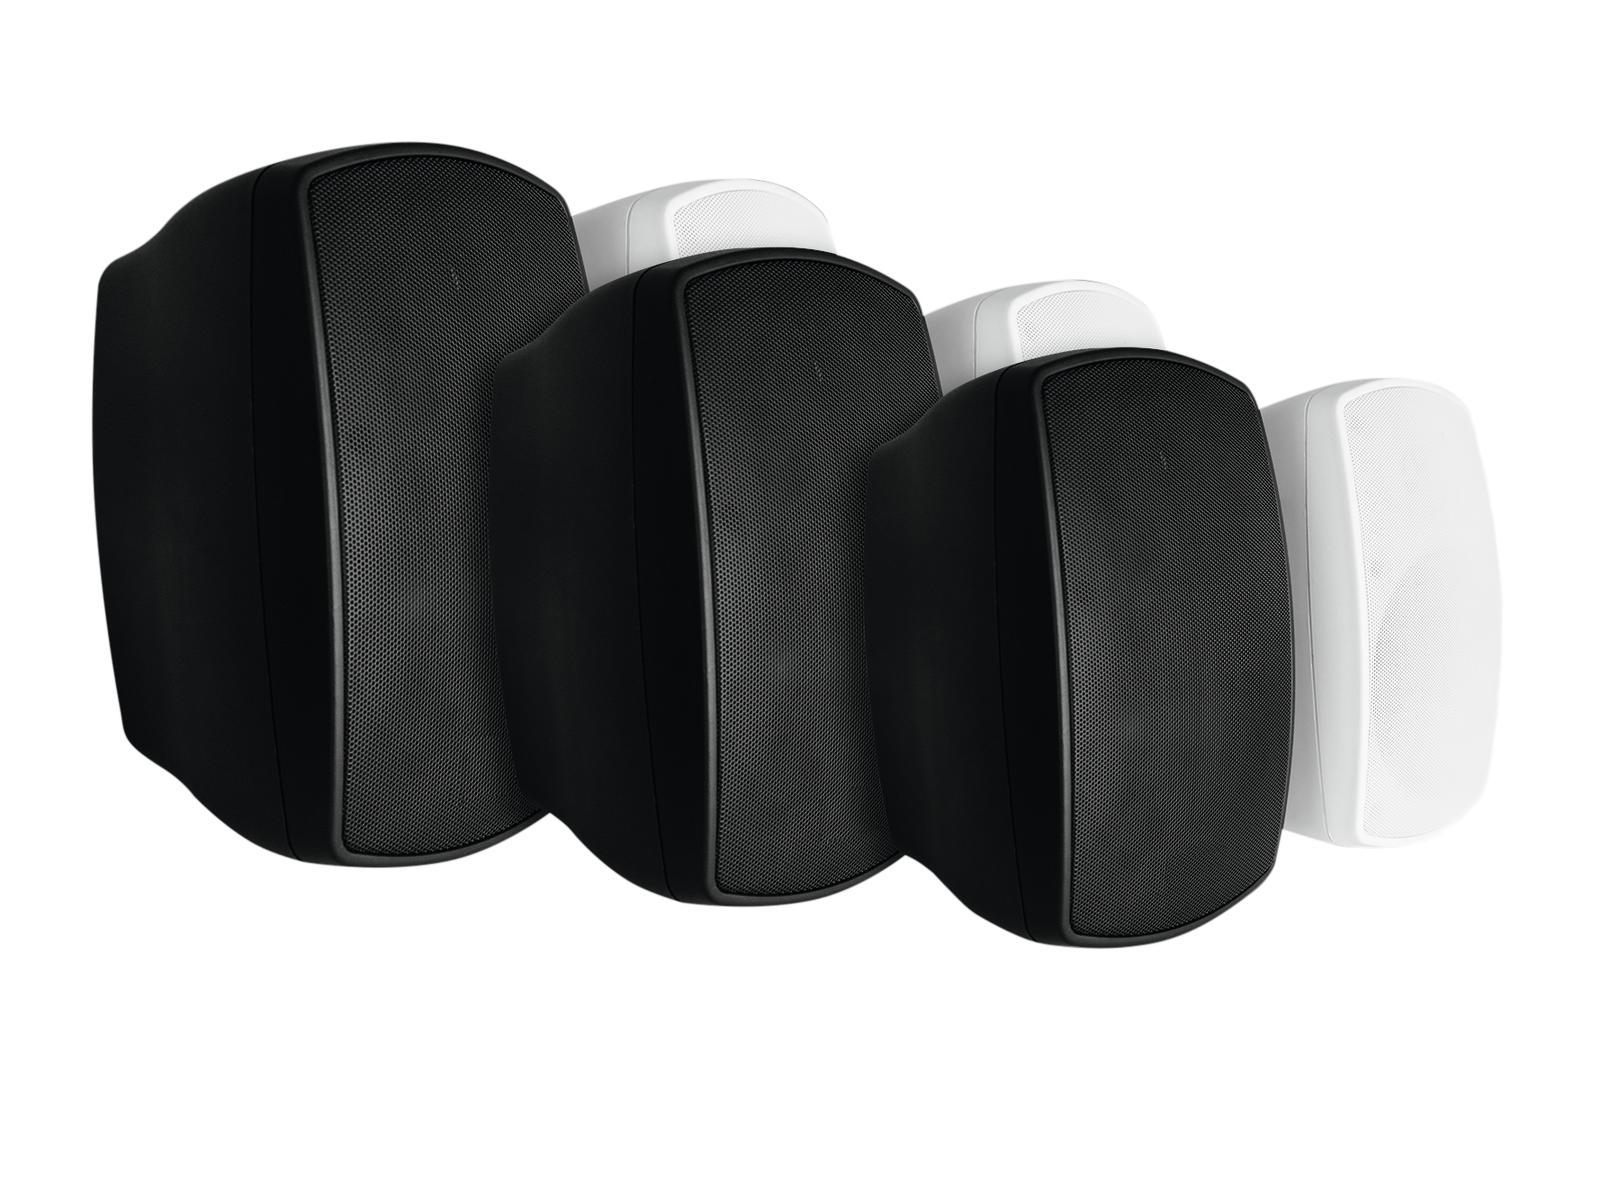 OMNITRONIC OD-4 Wandlautsprecher 8Ohm schwarz 2x